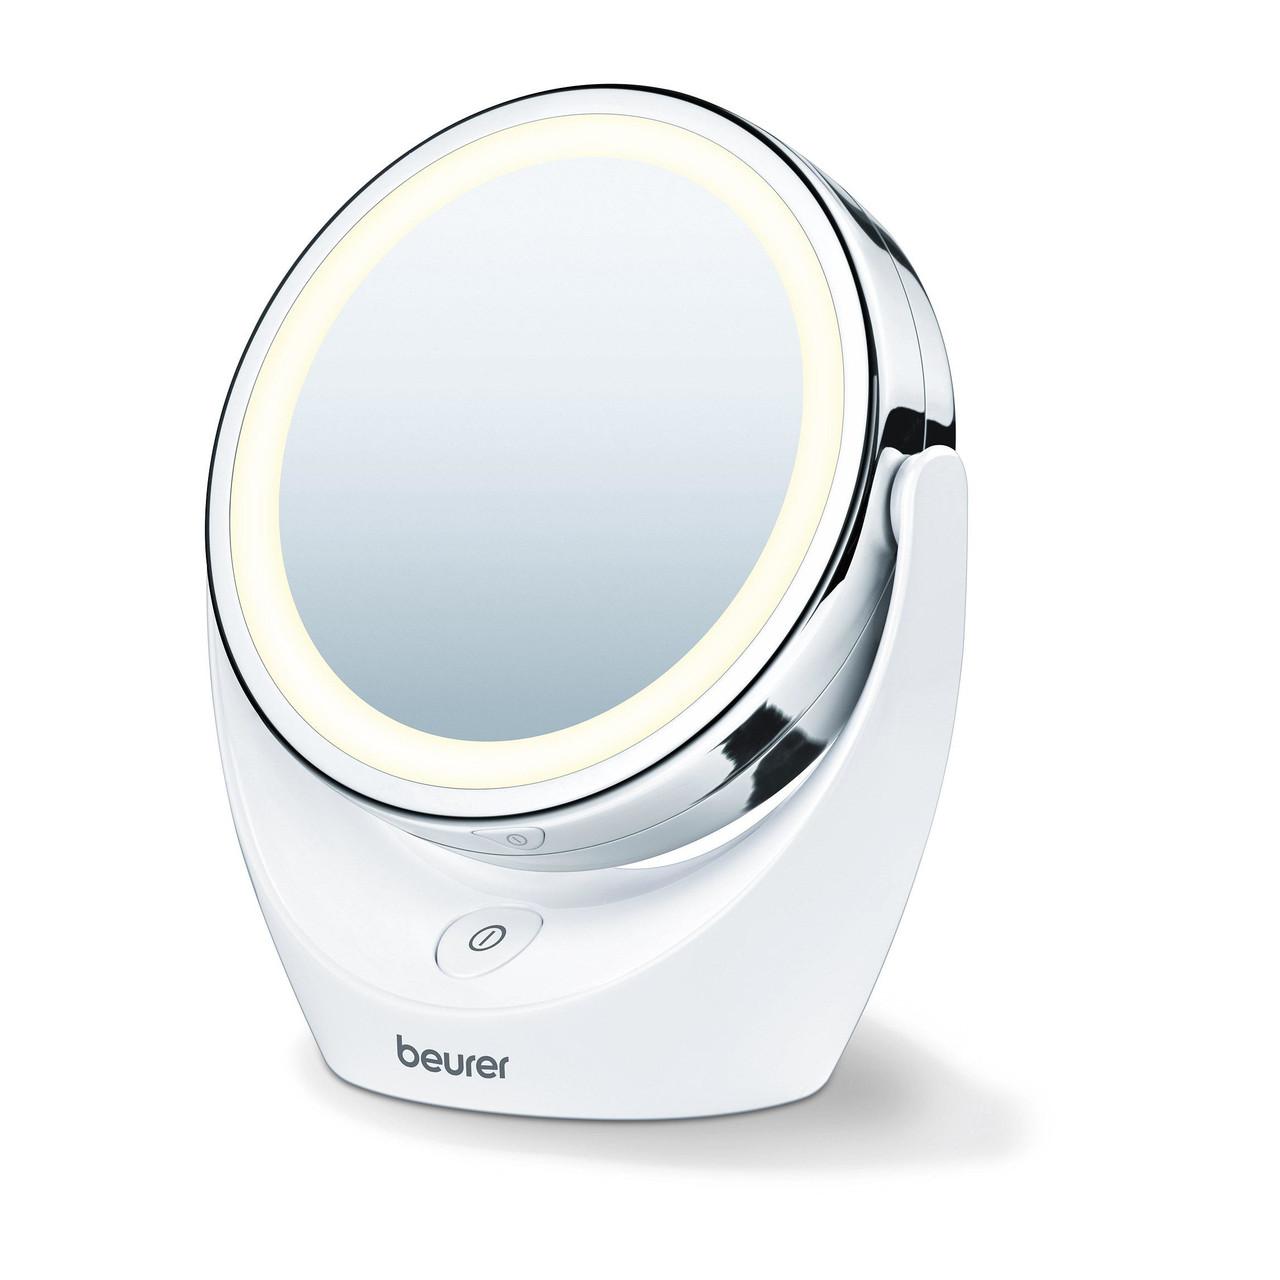 Beurer BS 49 Косметическое зеркало с подсветкой